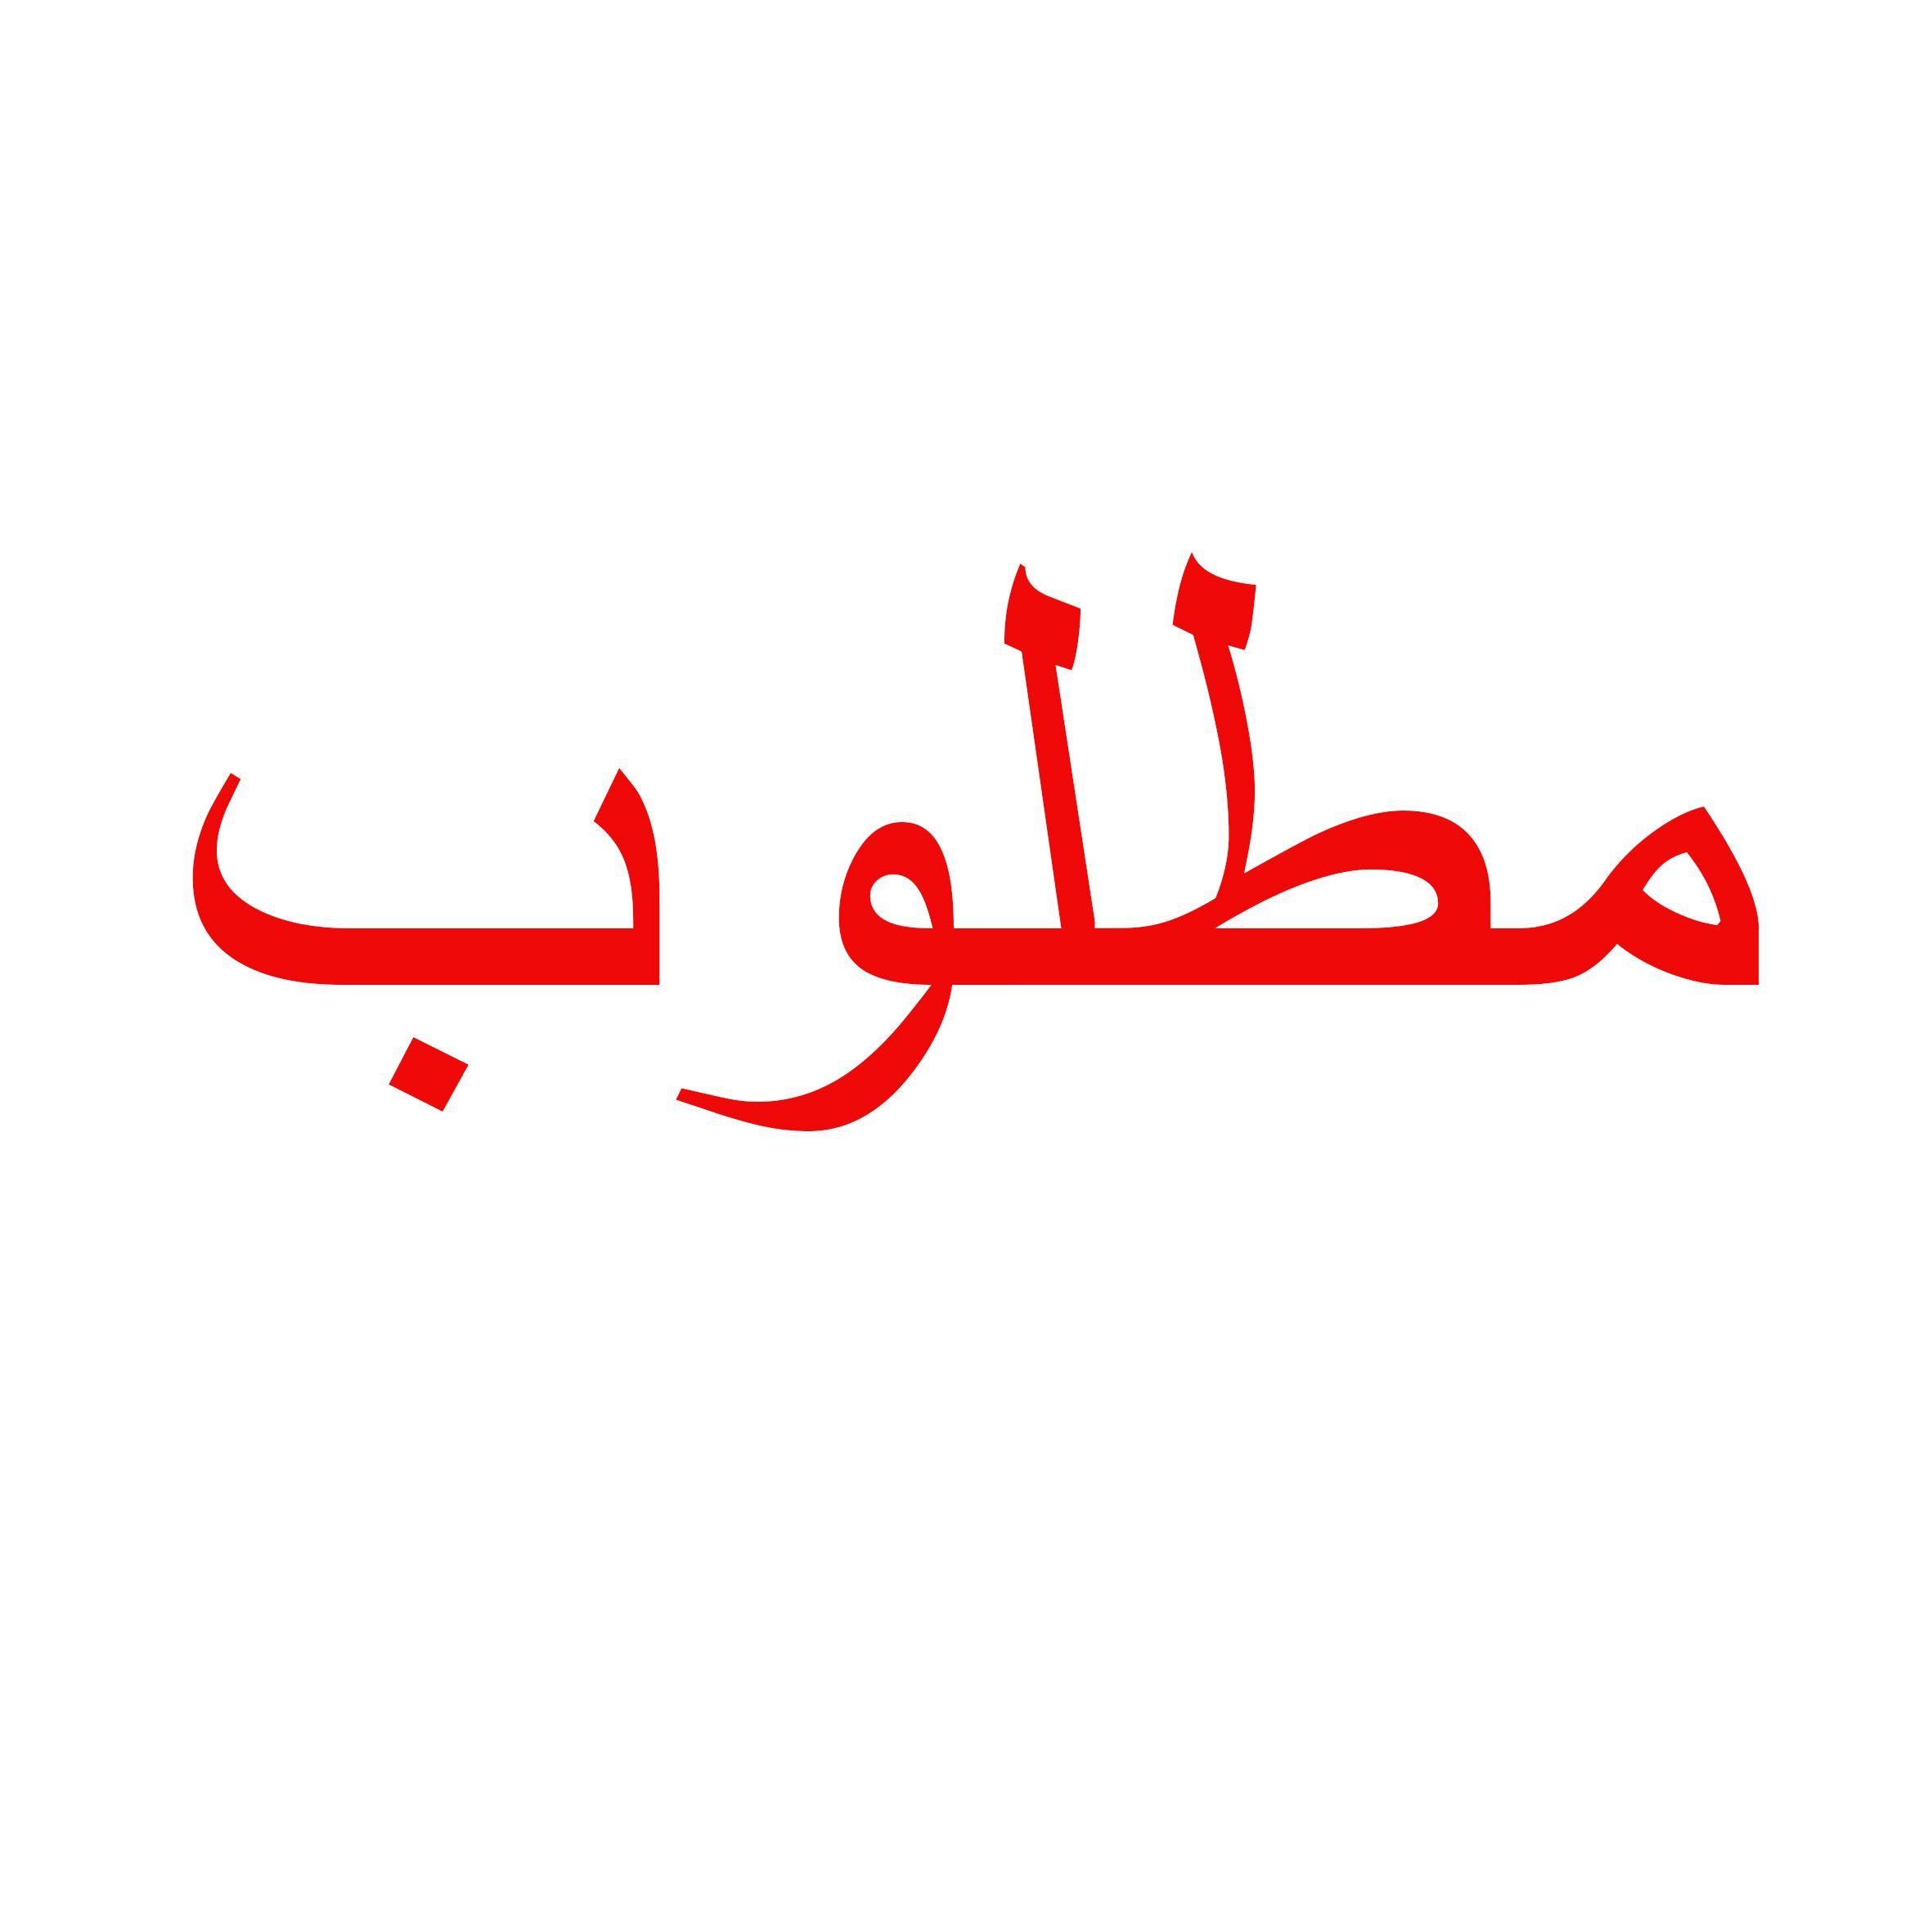 مطلوب انسه او سيده للعمل بمعرض فلاتر بالنزهه2